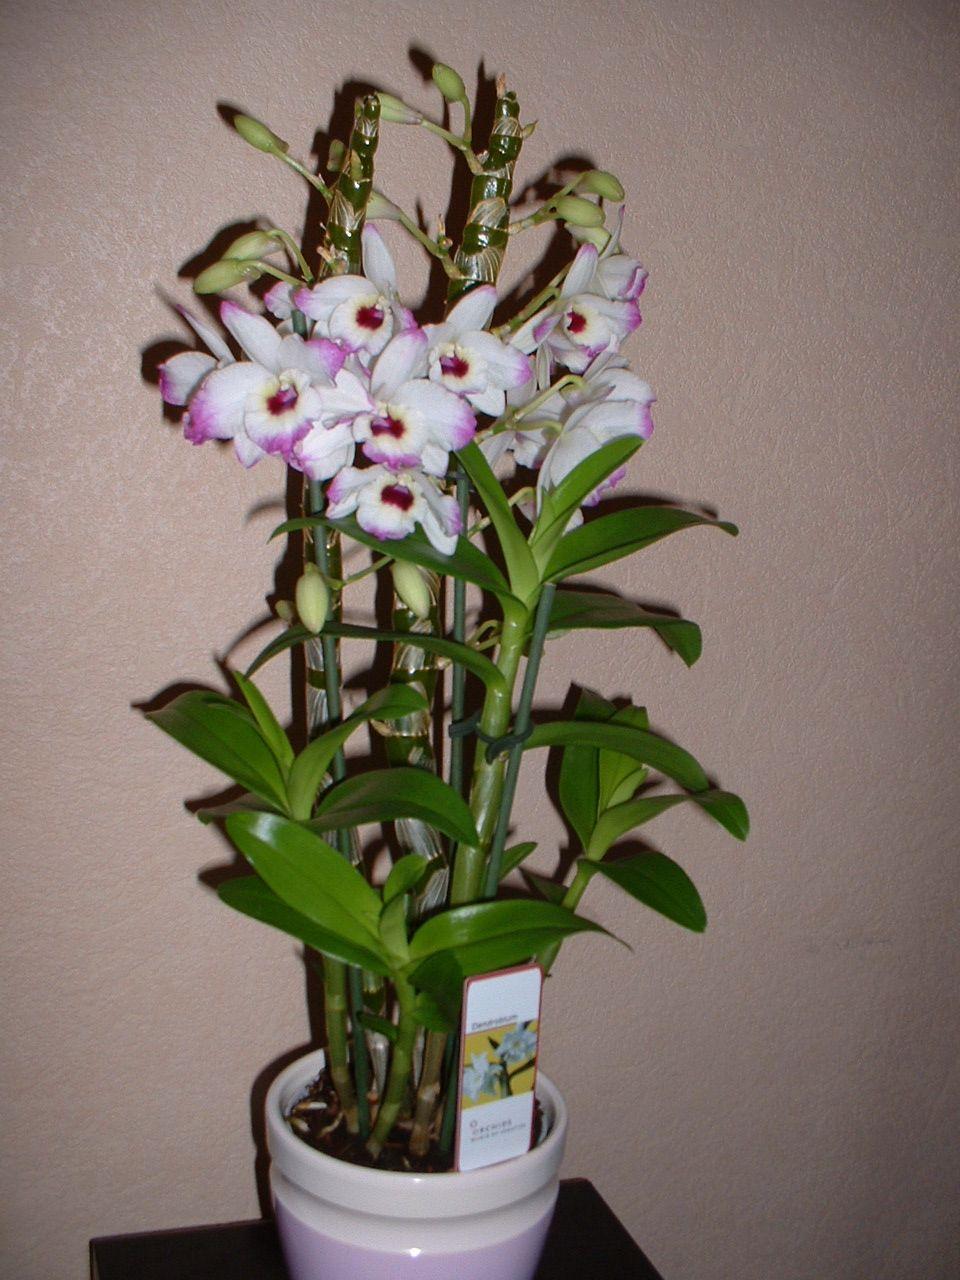 Comment Arroser Dendrobium Transplant D Orchidees Les Etapes De